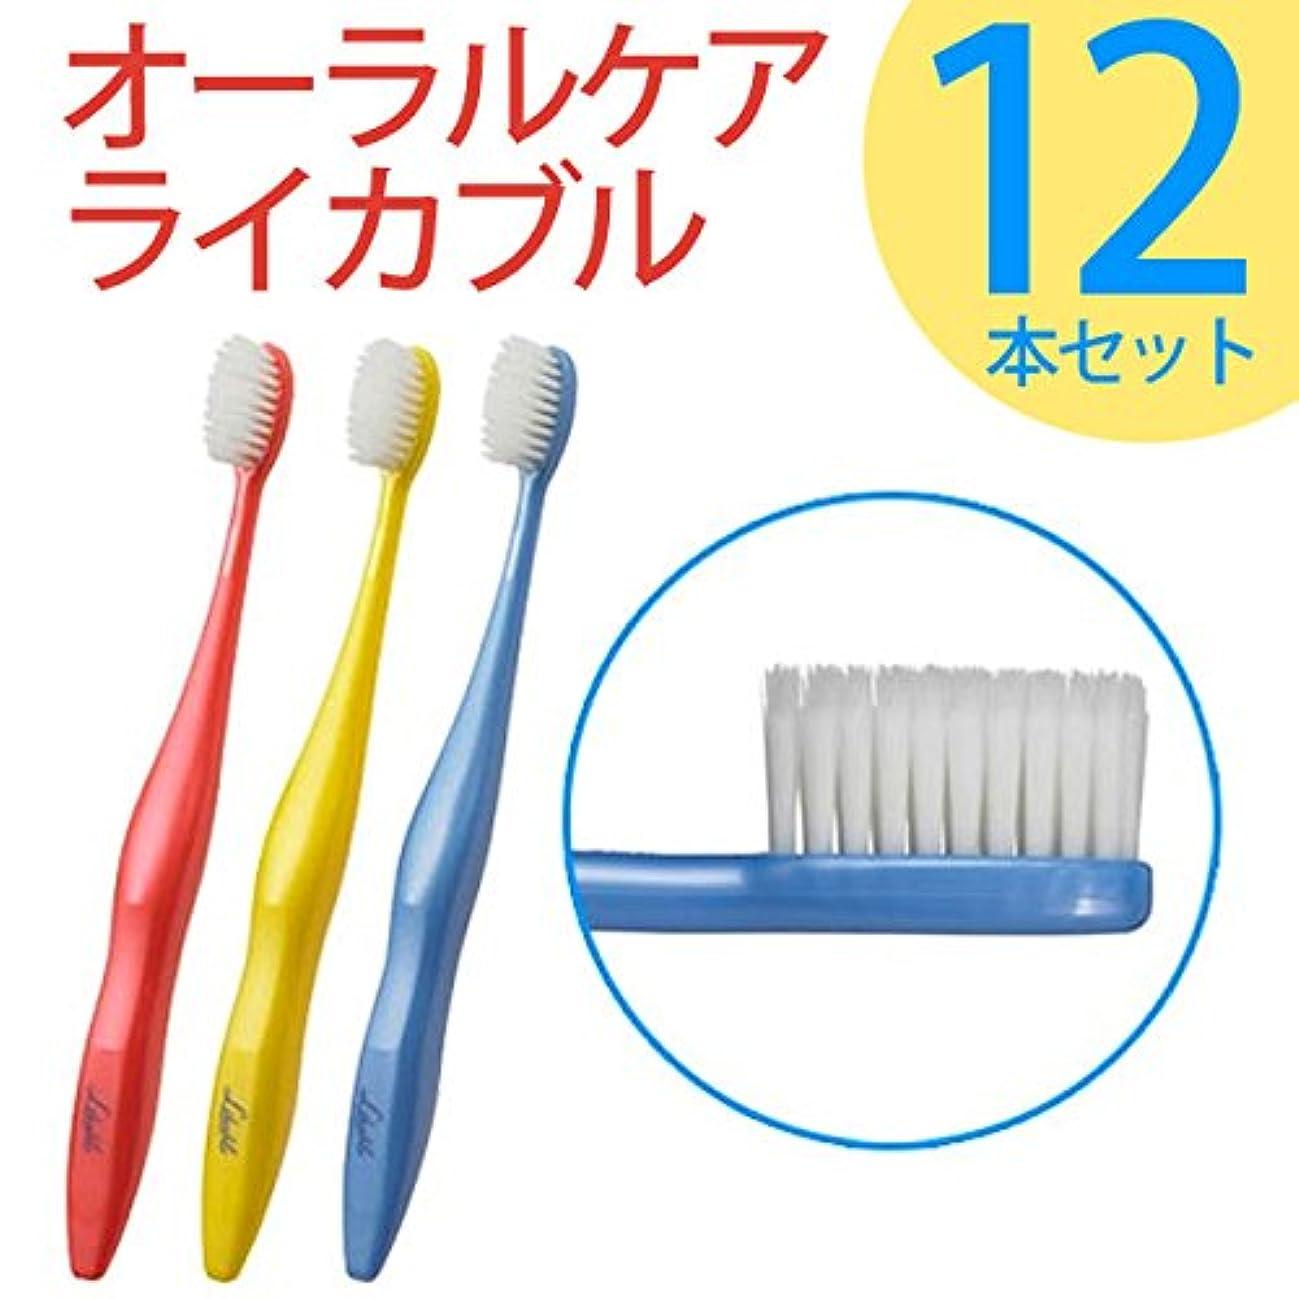 学部見積り呼び起こすライカブル ライカブル メンテナンス用 歯ブラシ 12本セット